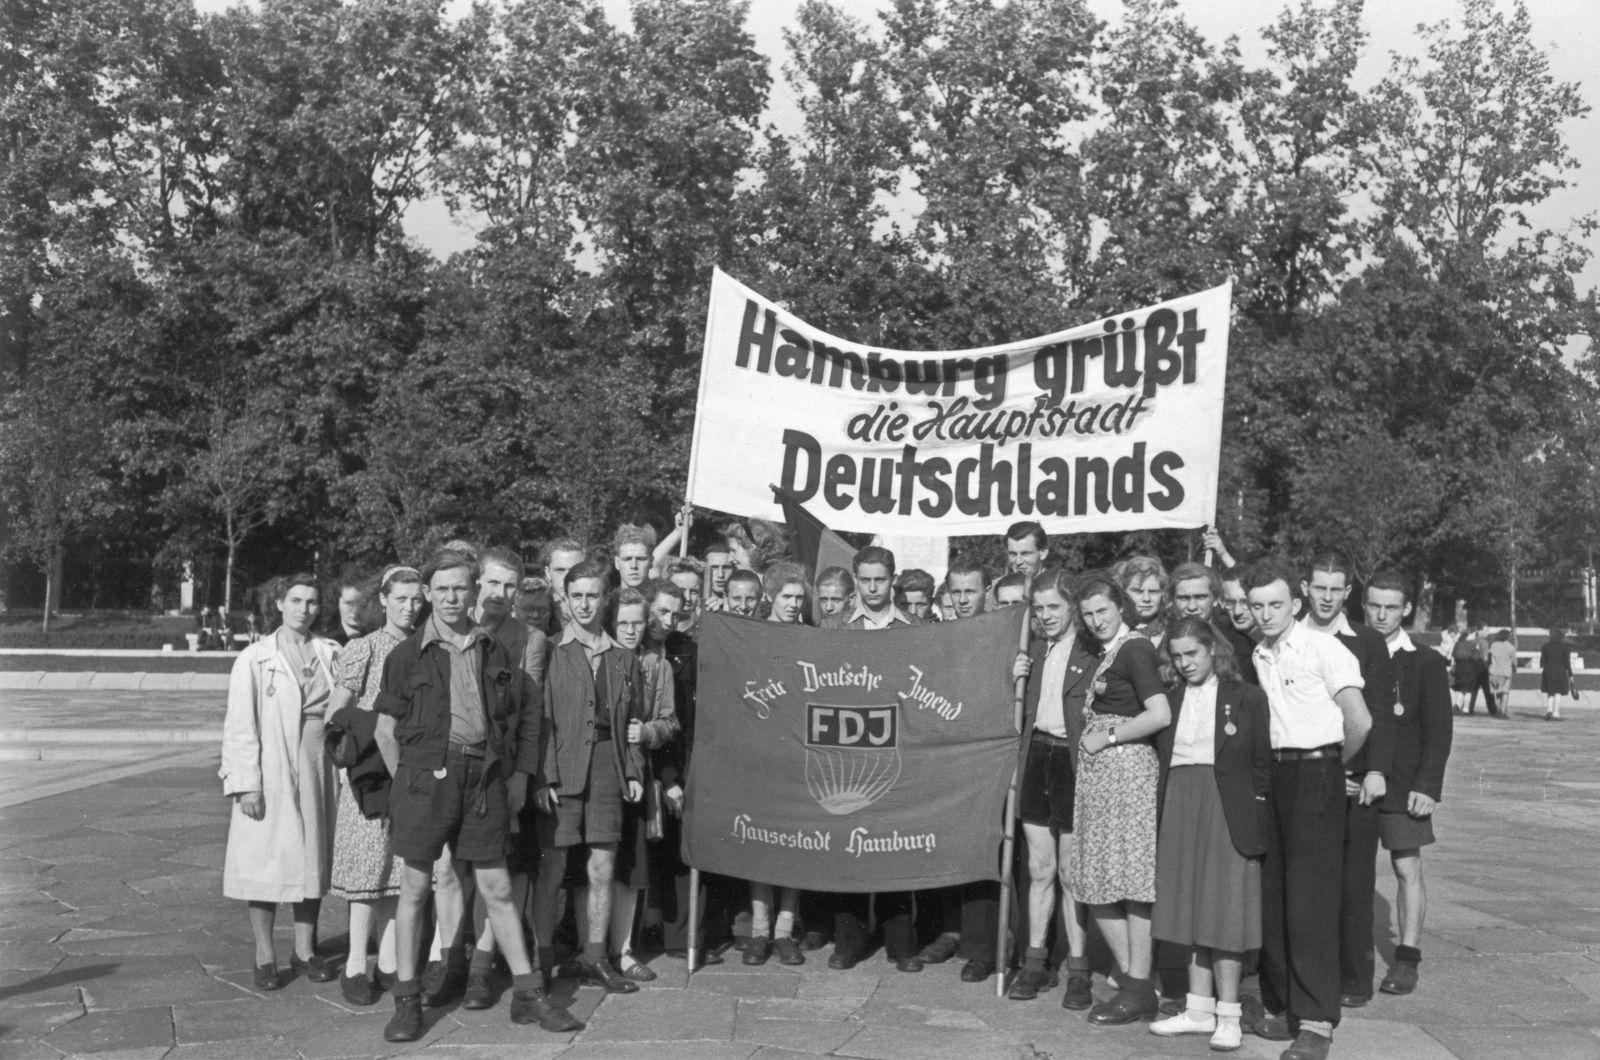 Eine FDJ-Gruppe aus Hamburg während eines Besuchs in Ost-Berlin anläßlich einer Friedensdemonstration